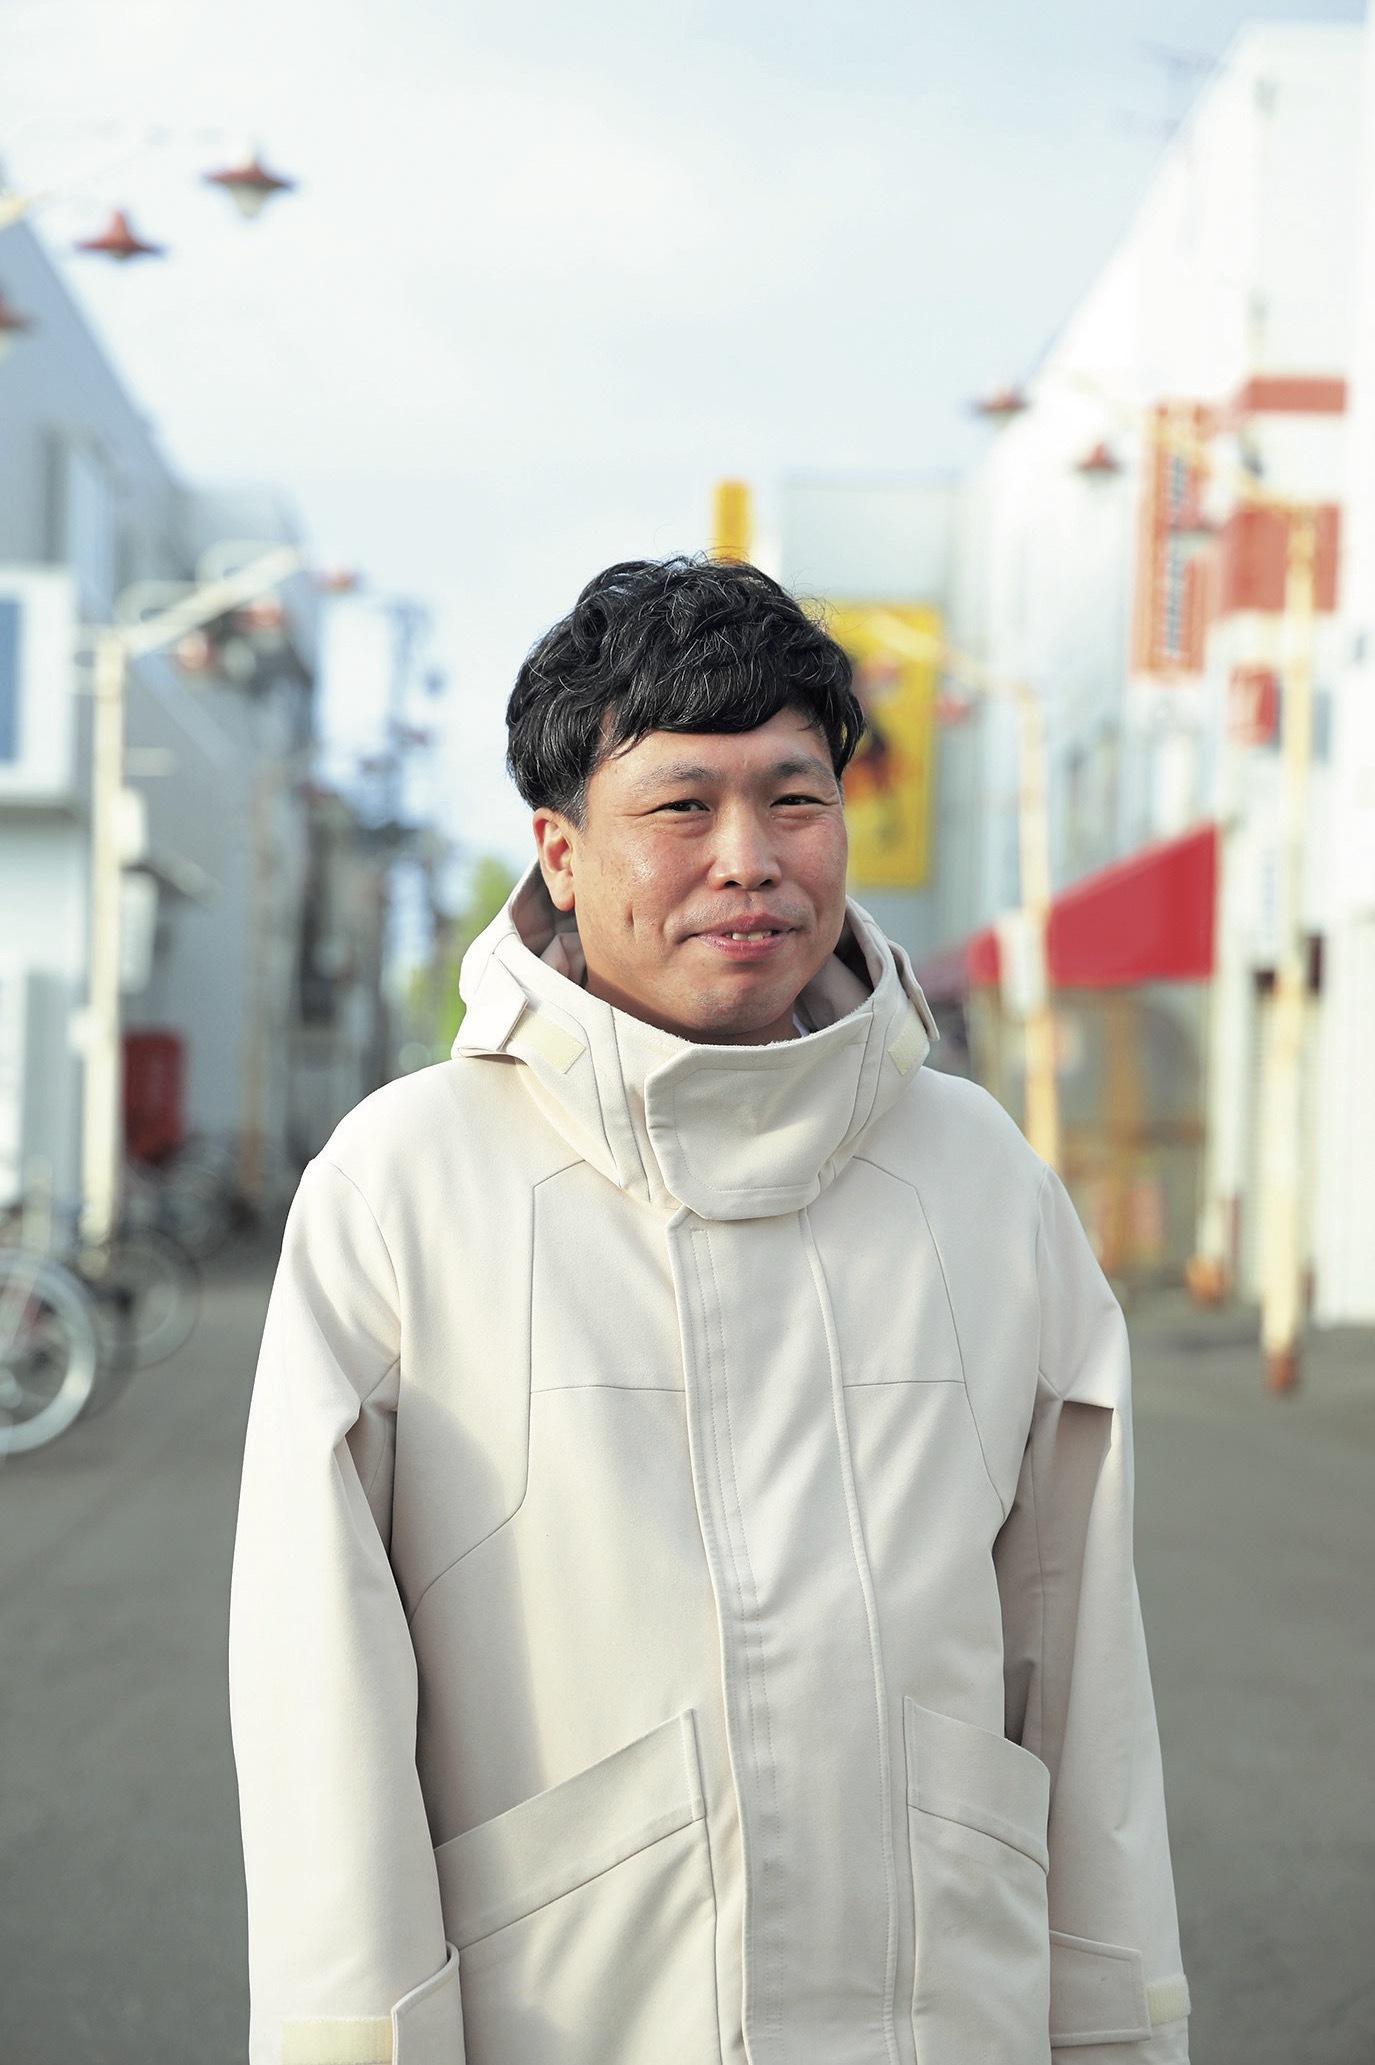 執行役員の堀直人さんは2015〜19年、江別市議会議員を務めた。